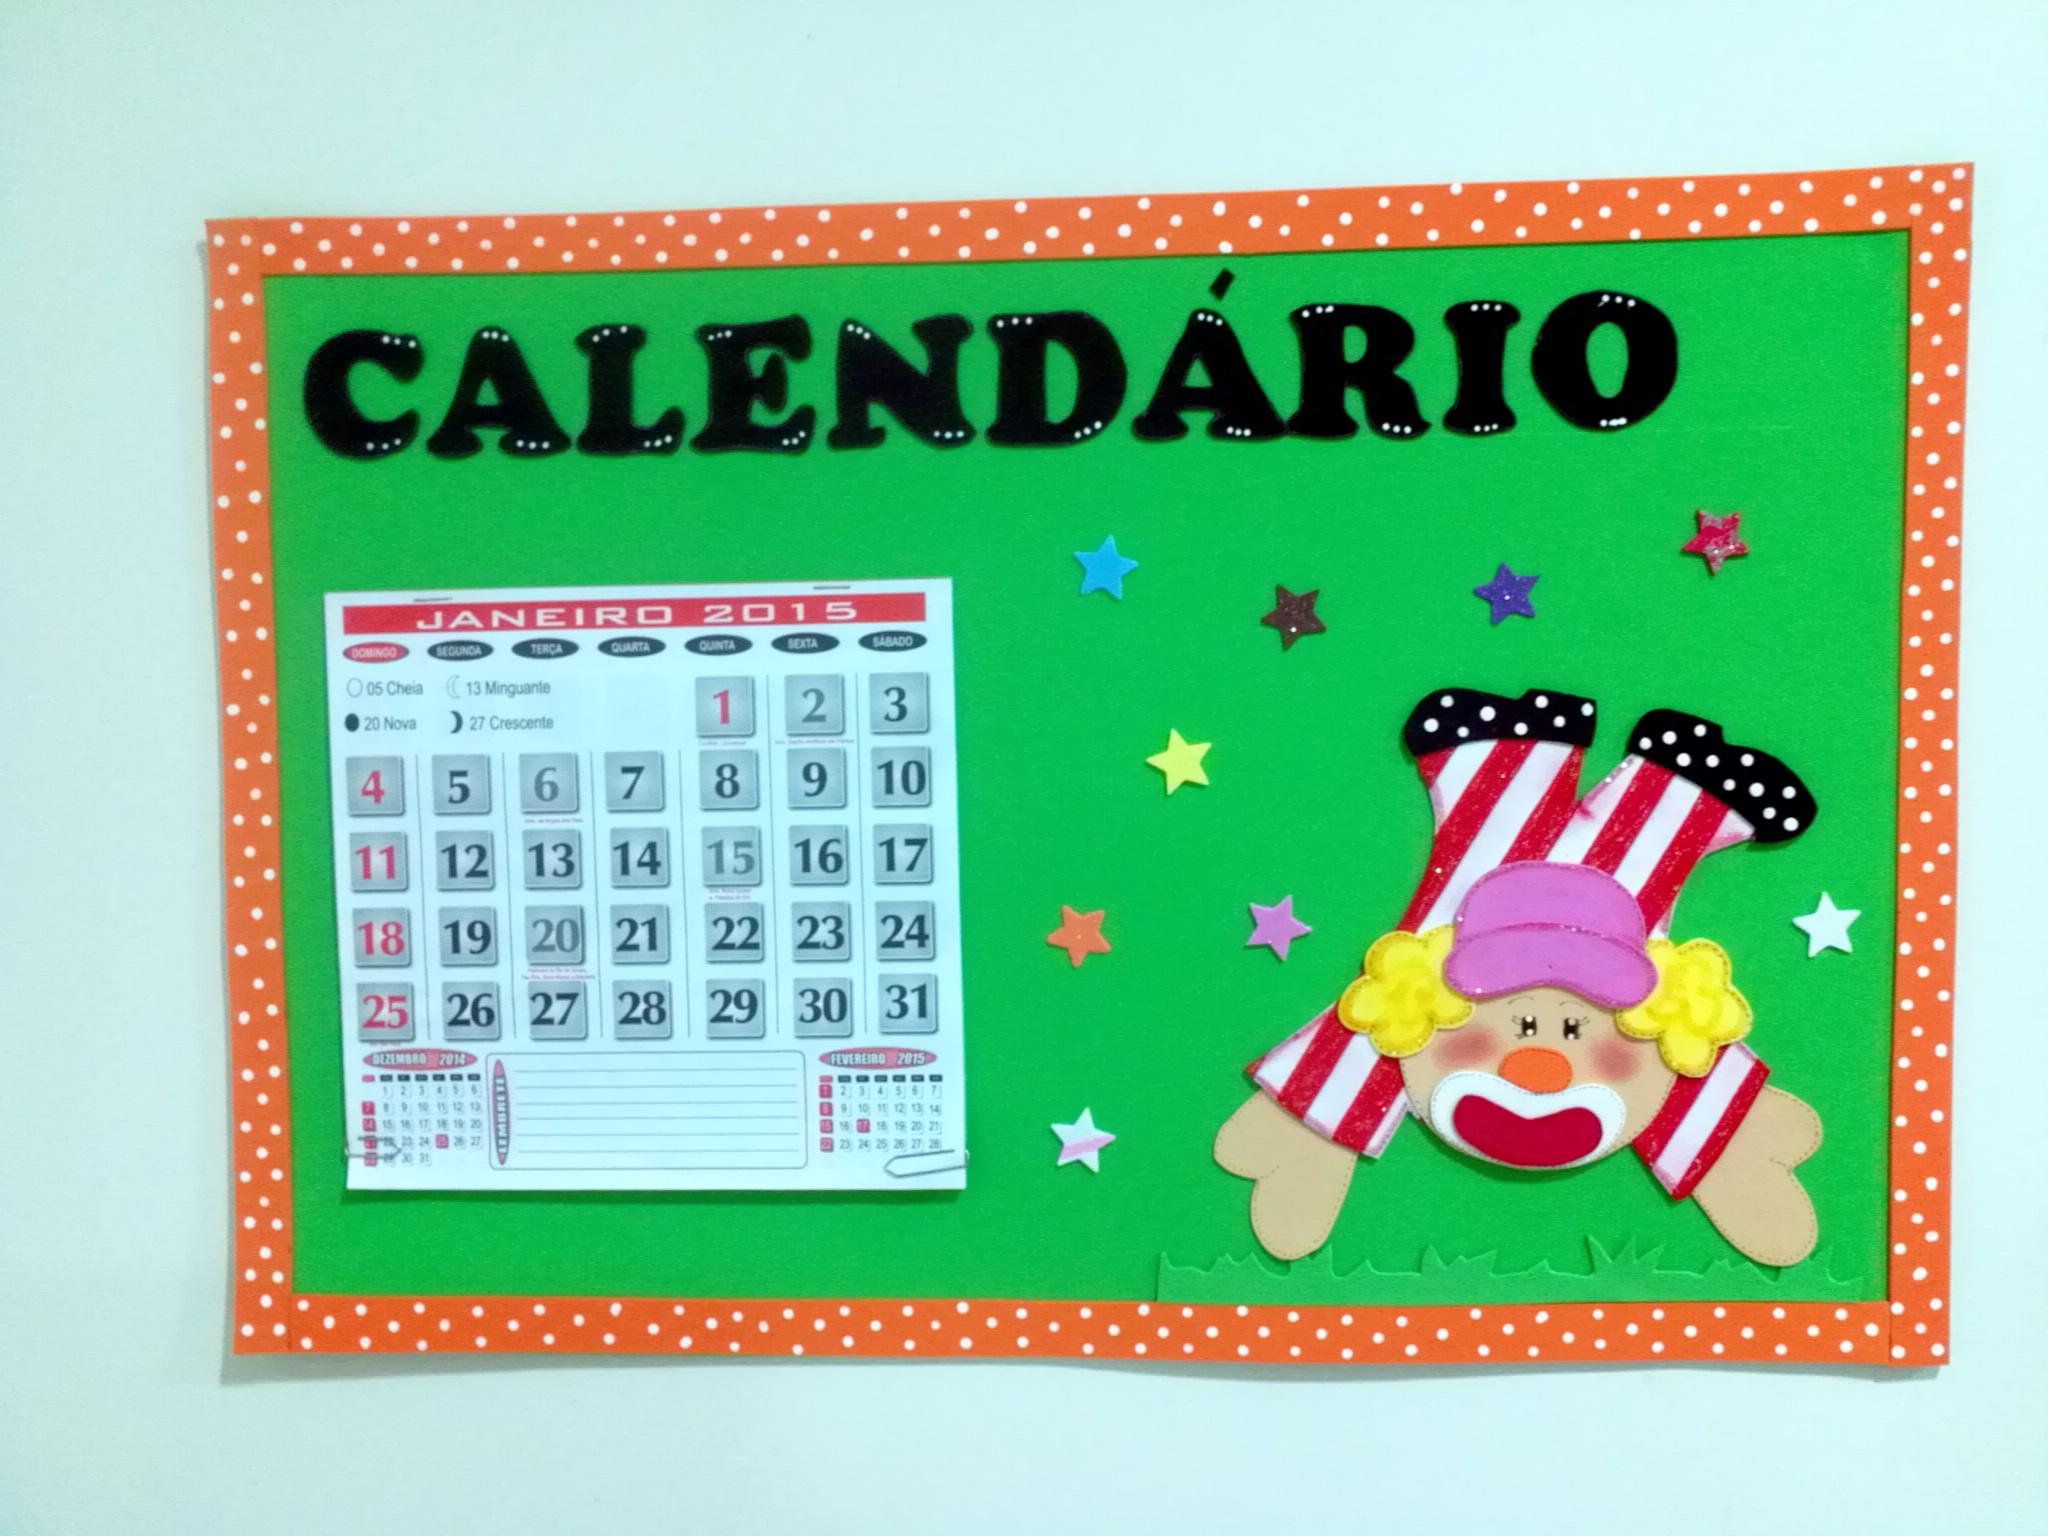 decoracao de sala aula educacao infantil : decoracao de sala aula educacao infantil:Decoração De Sala De Aula Educação Infantil 1 Pictures to pin on